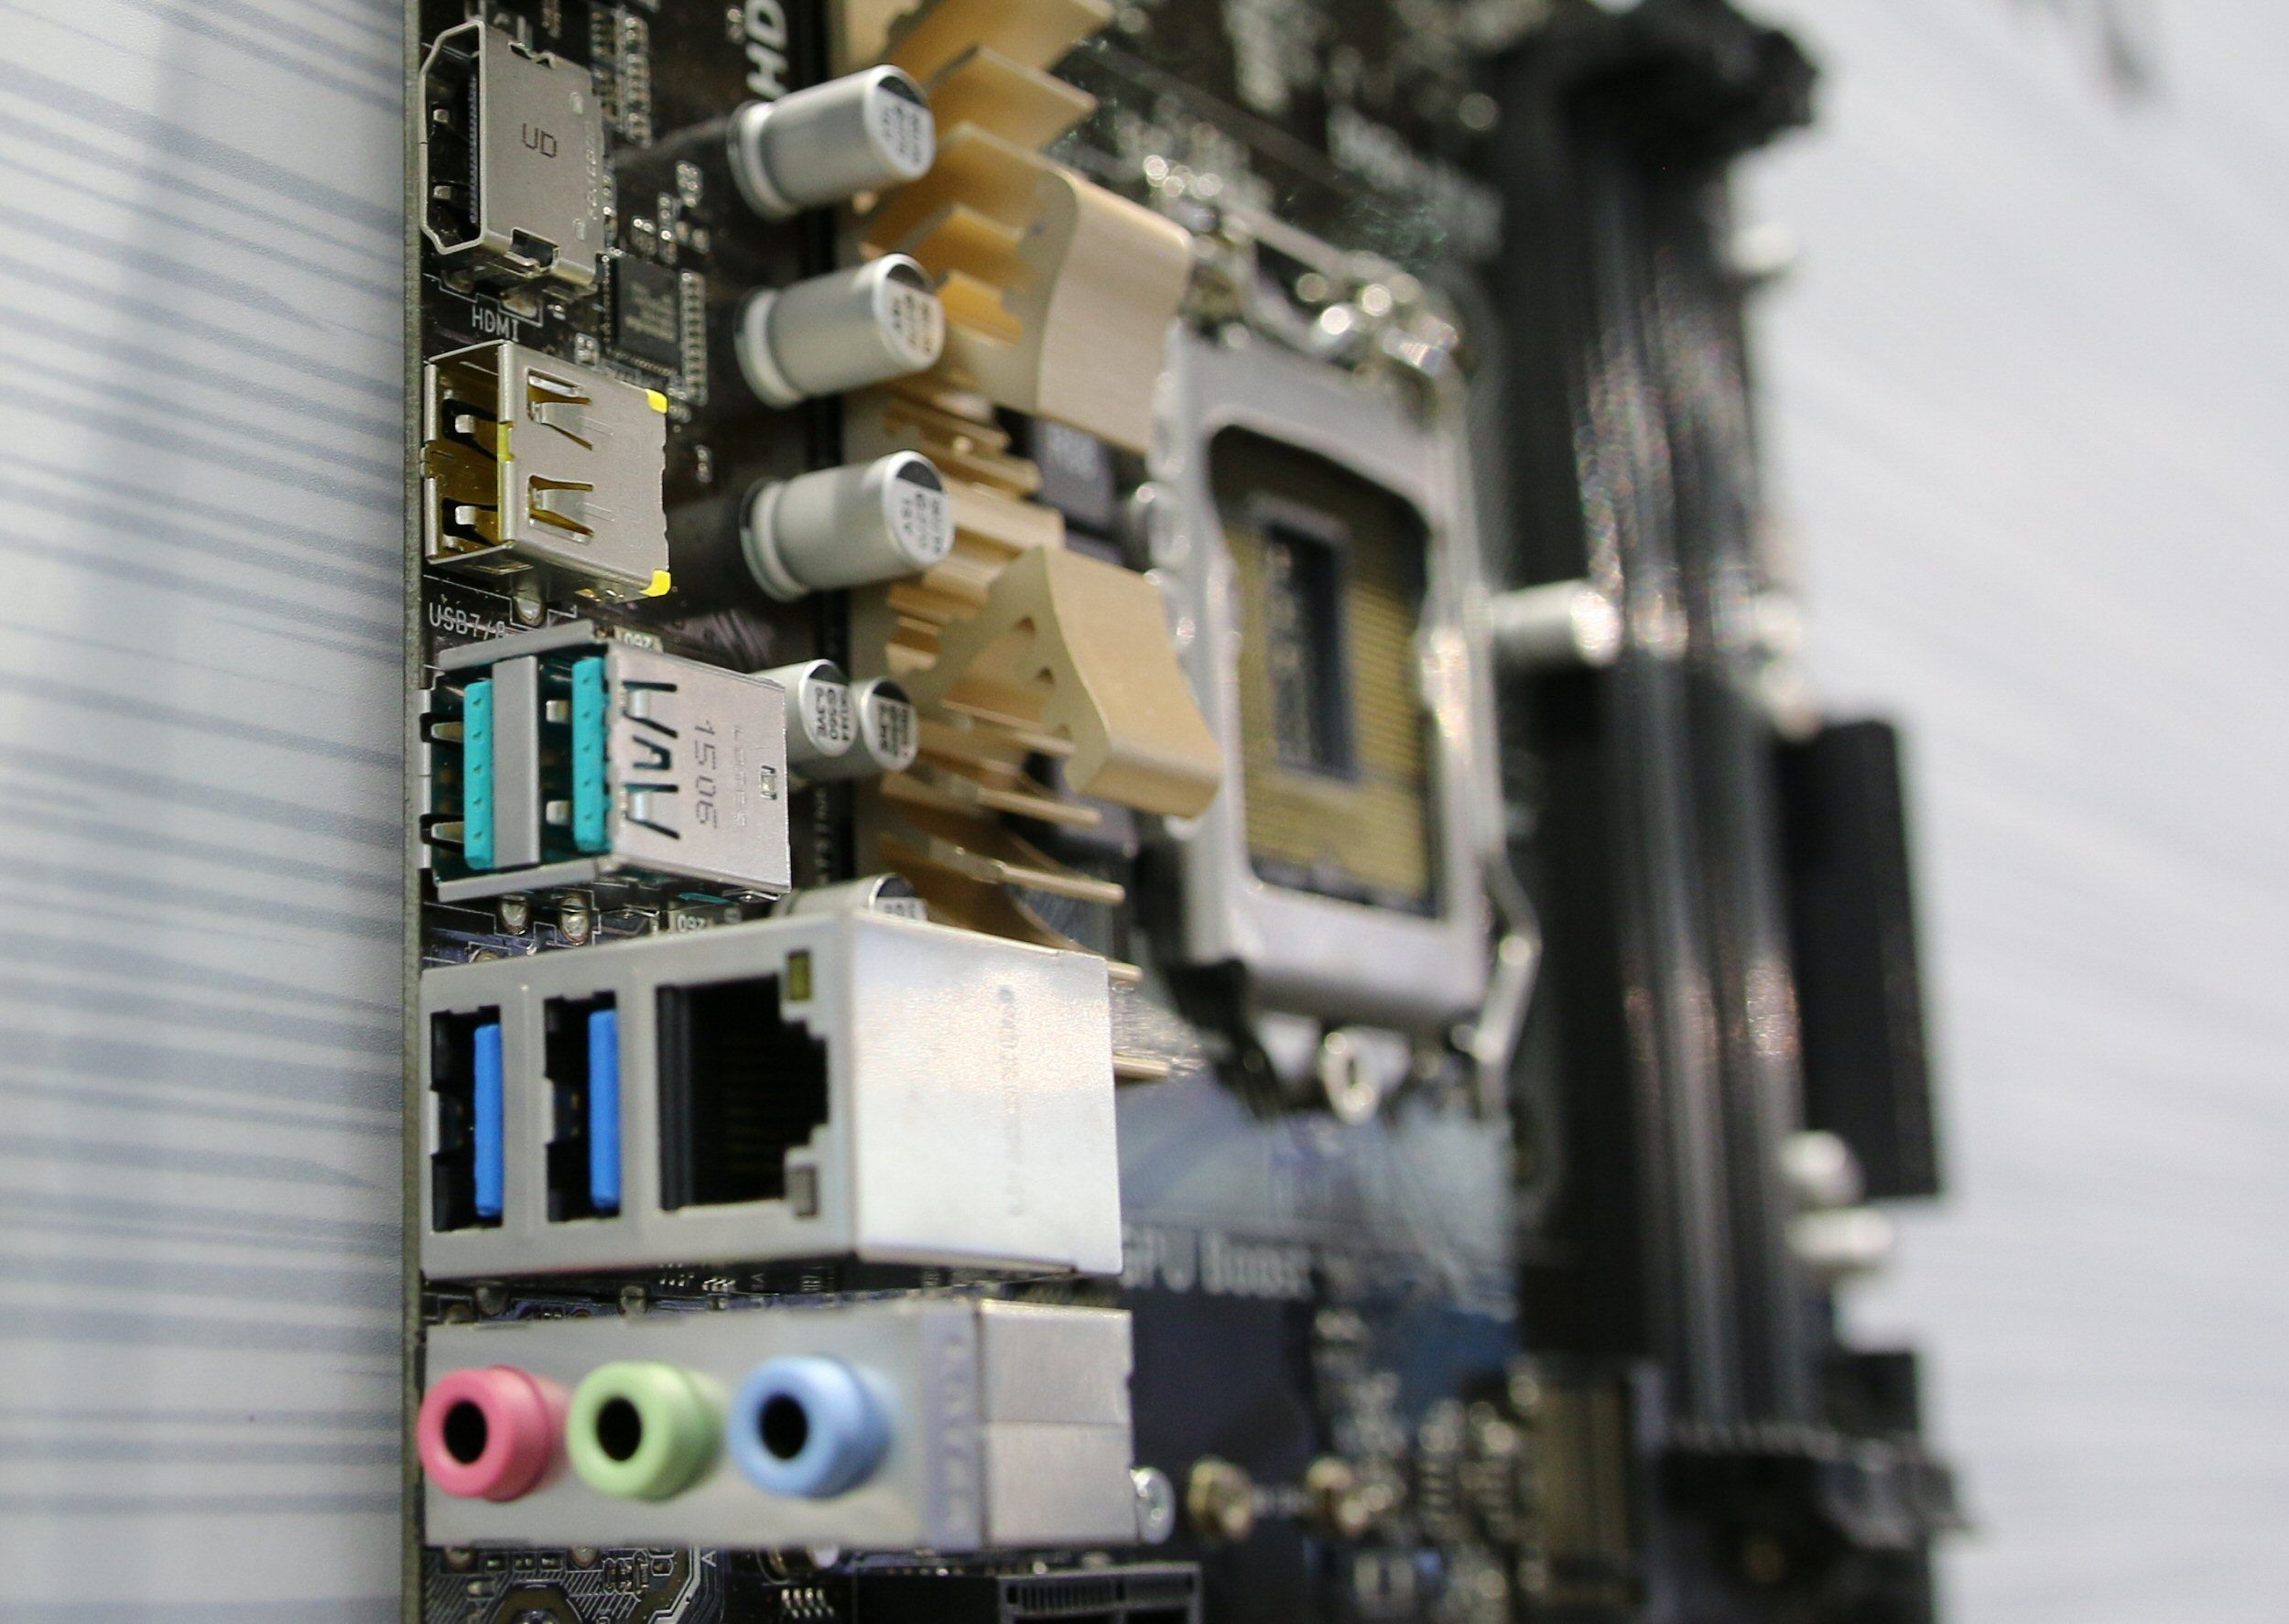 Vendbar USB-kontakt i gult, rett over de to USB 3.1-kontaktene. Foto: Vegar Jansen, Tek.no